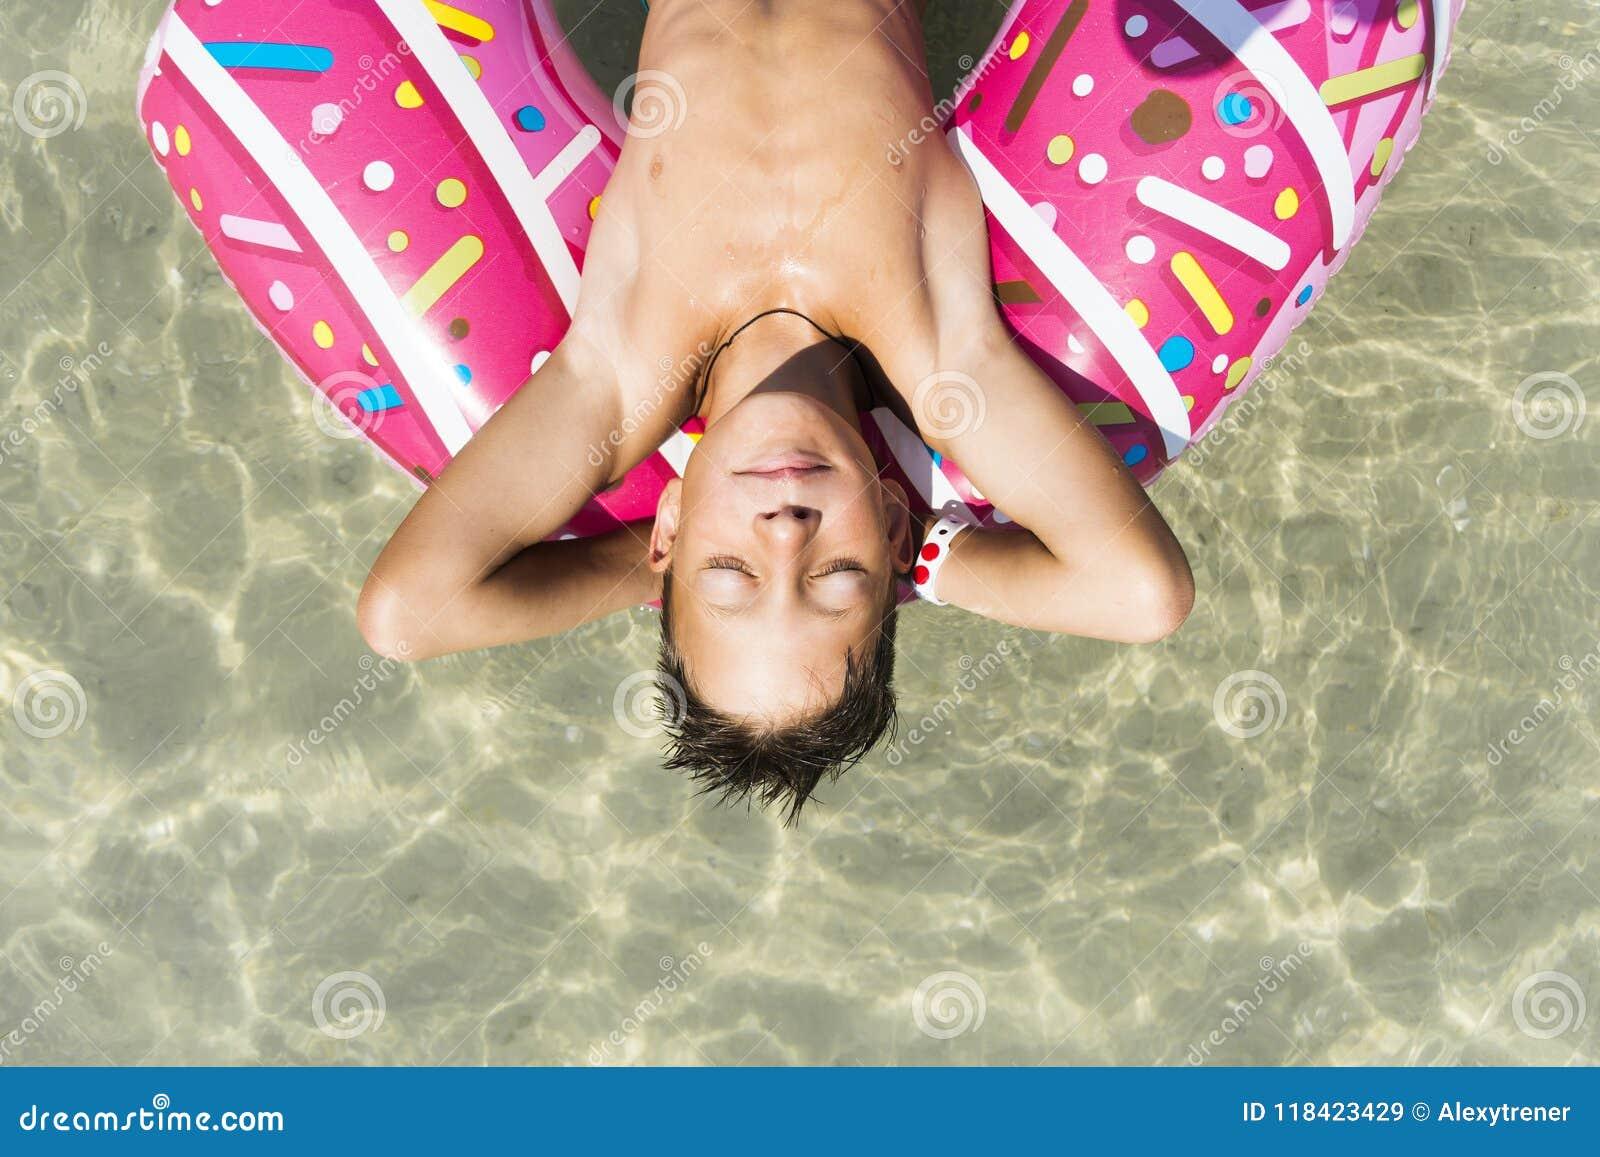 Muchacho lindo con el buñuelo inflable en piscina